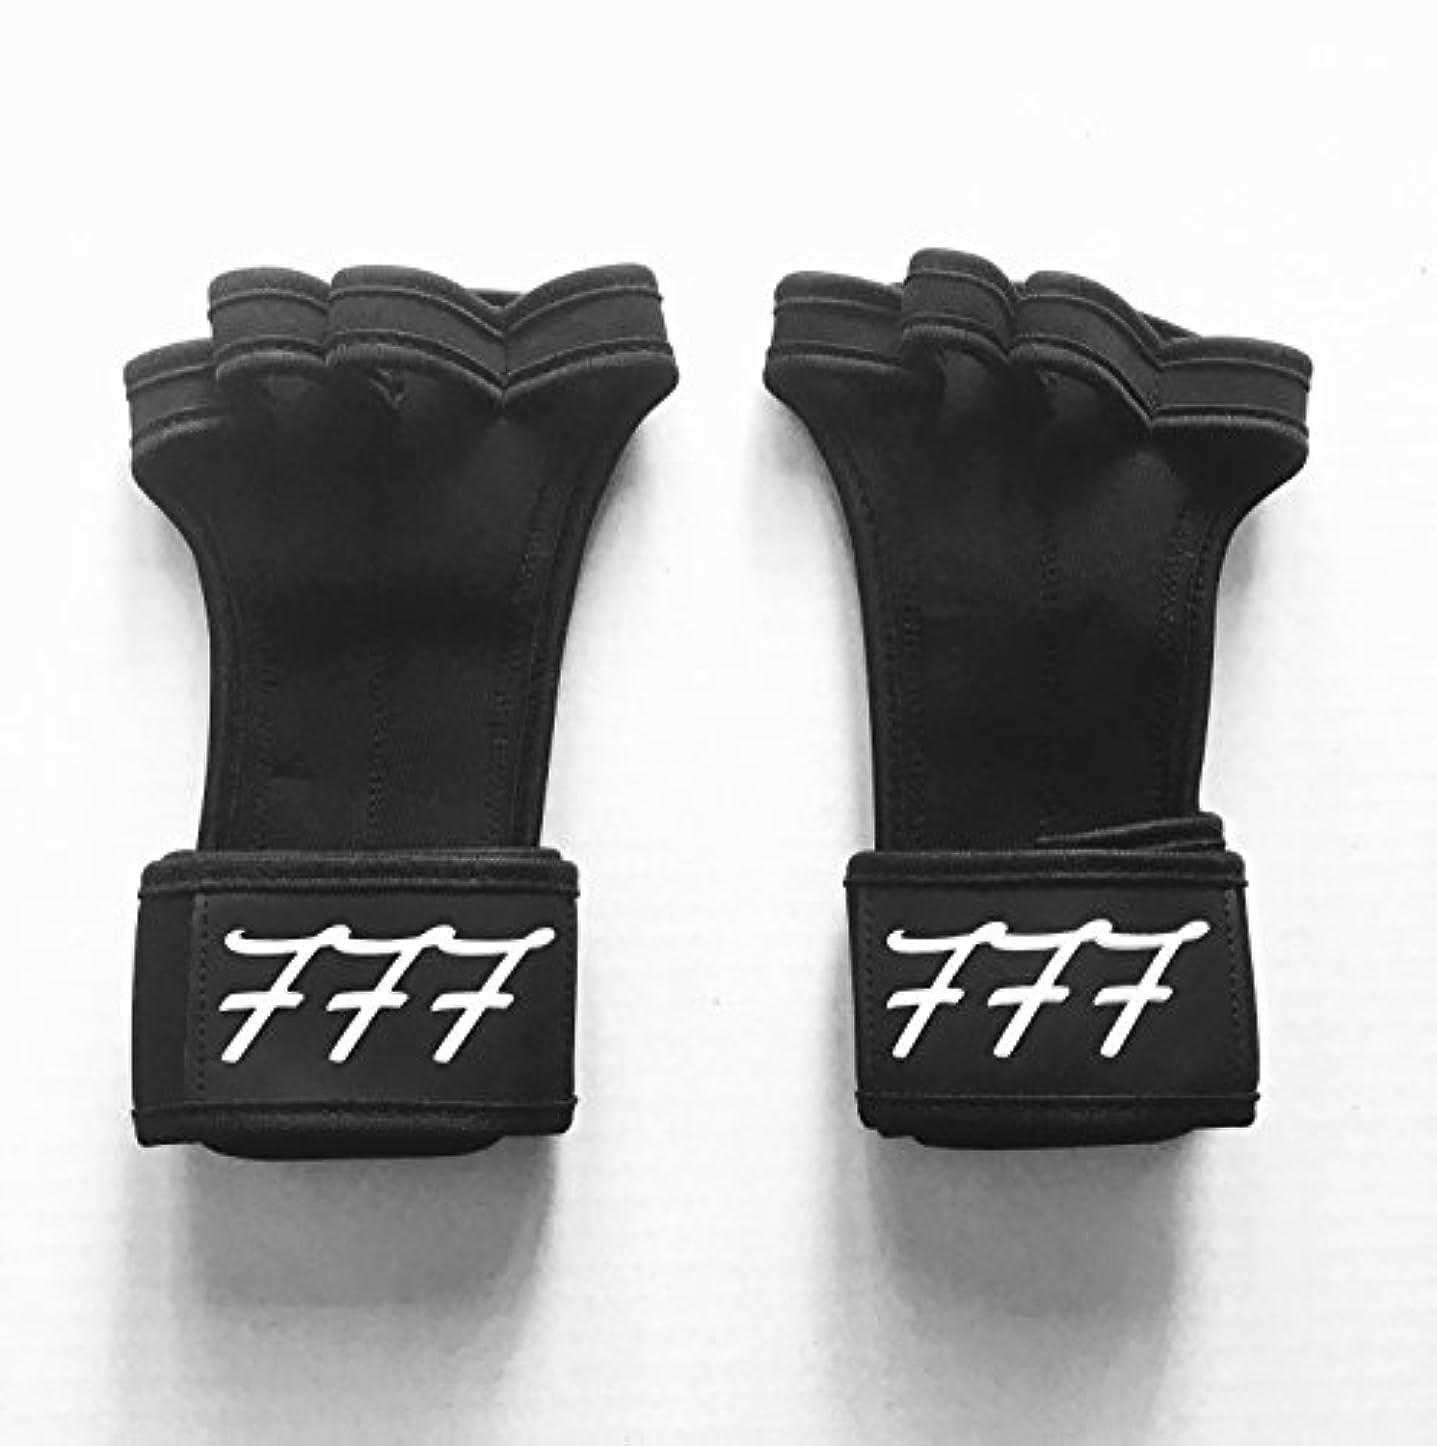 告白する寺院比較777ワークアウト用手袋Weighlifting、抱く、クロスフィット、HIITトレーニング、 – ボーナスeBook – シリコンパディングを防ぐために裂ける – anti-stink – 手首サポート